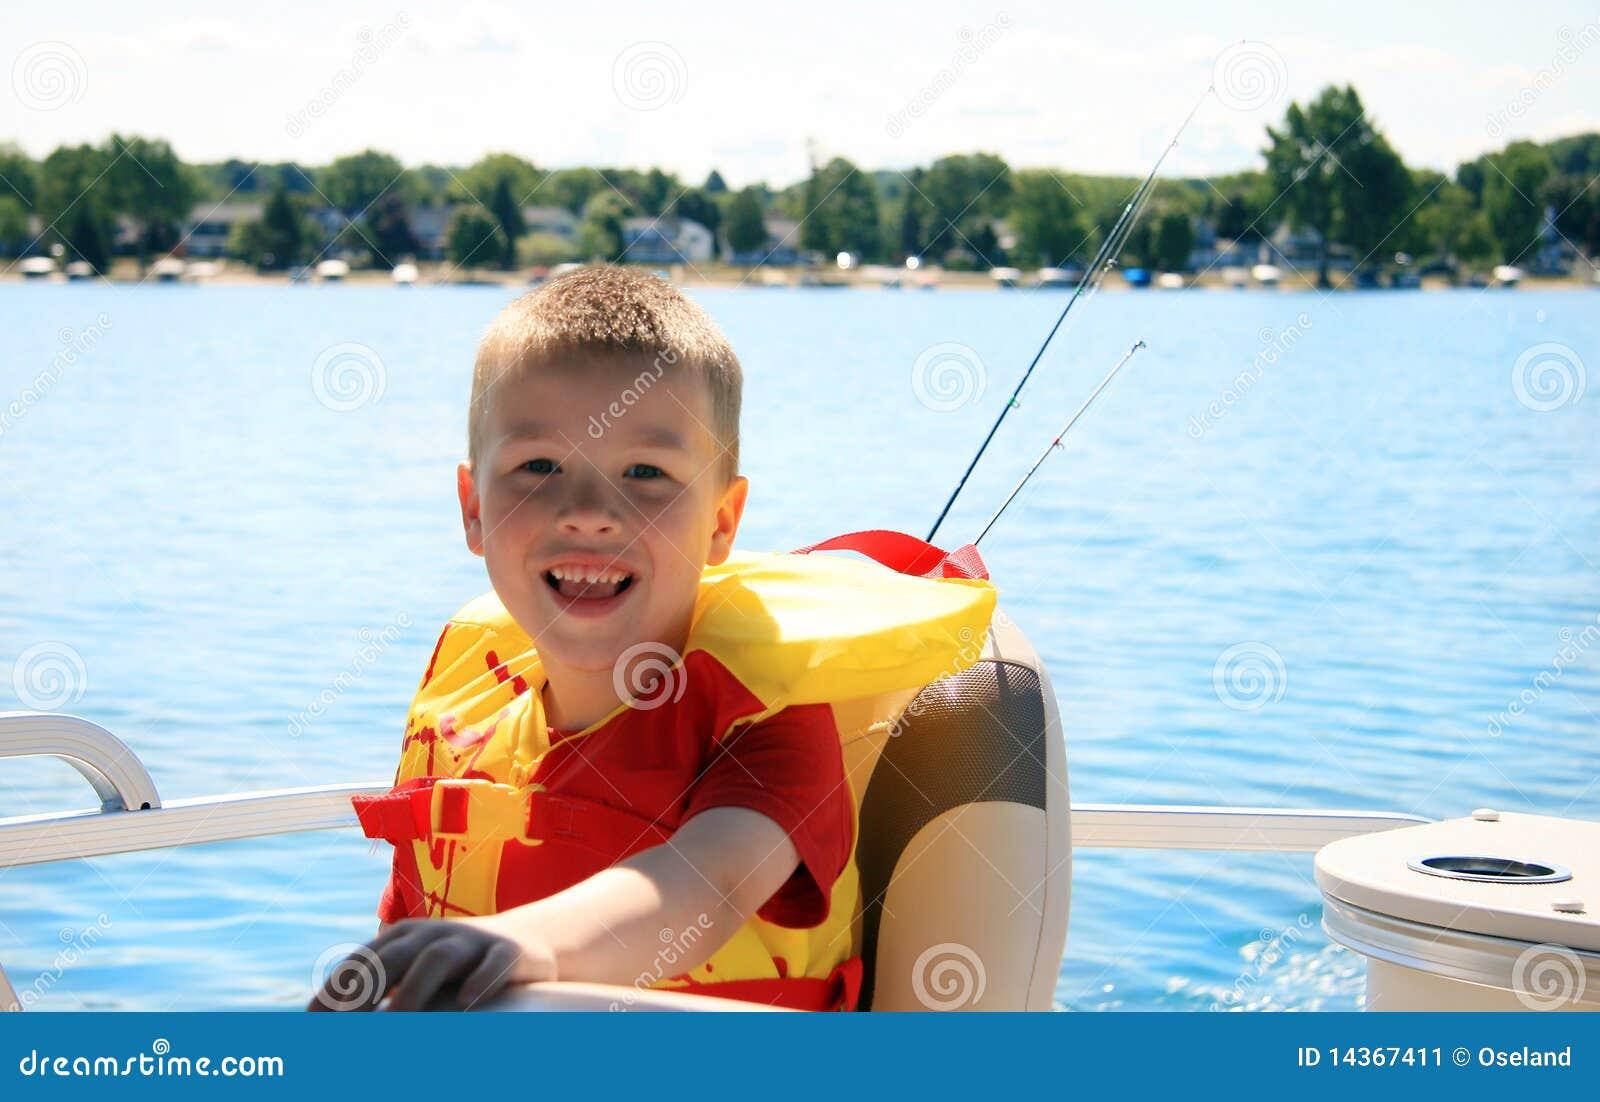 Glückliches Kind auf Boot